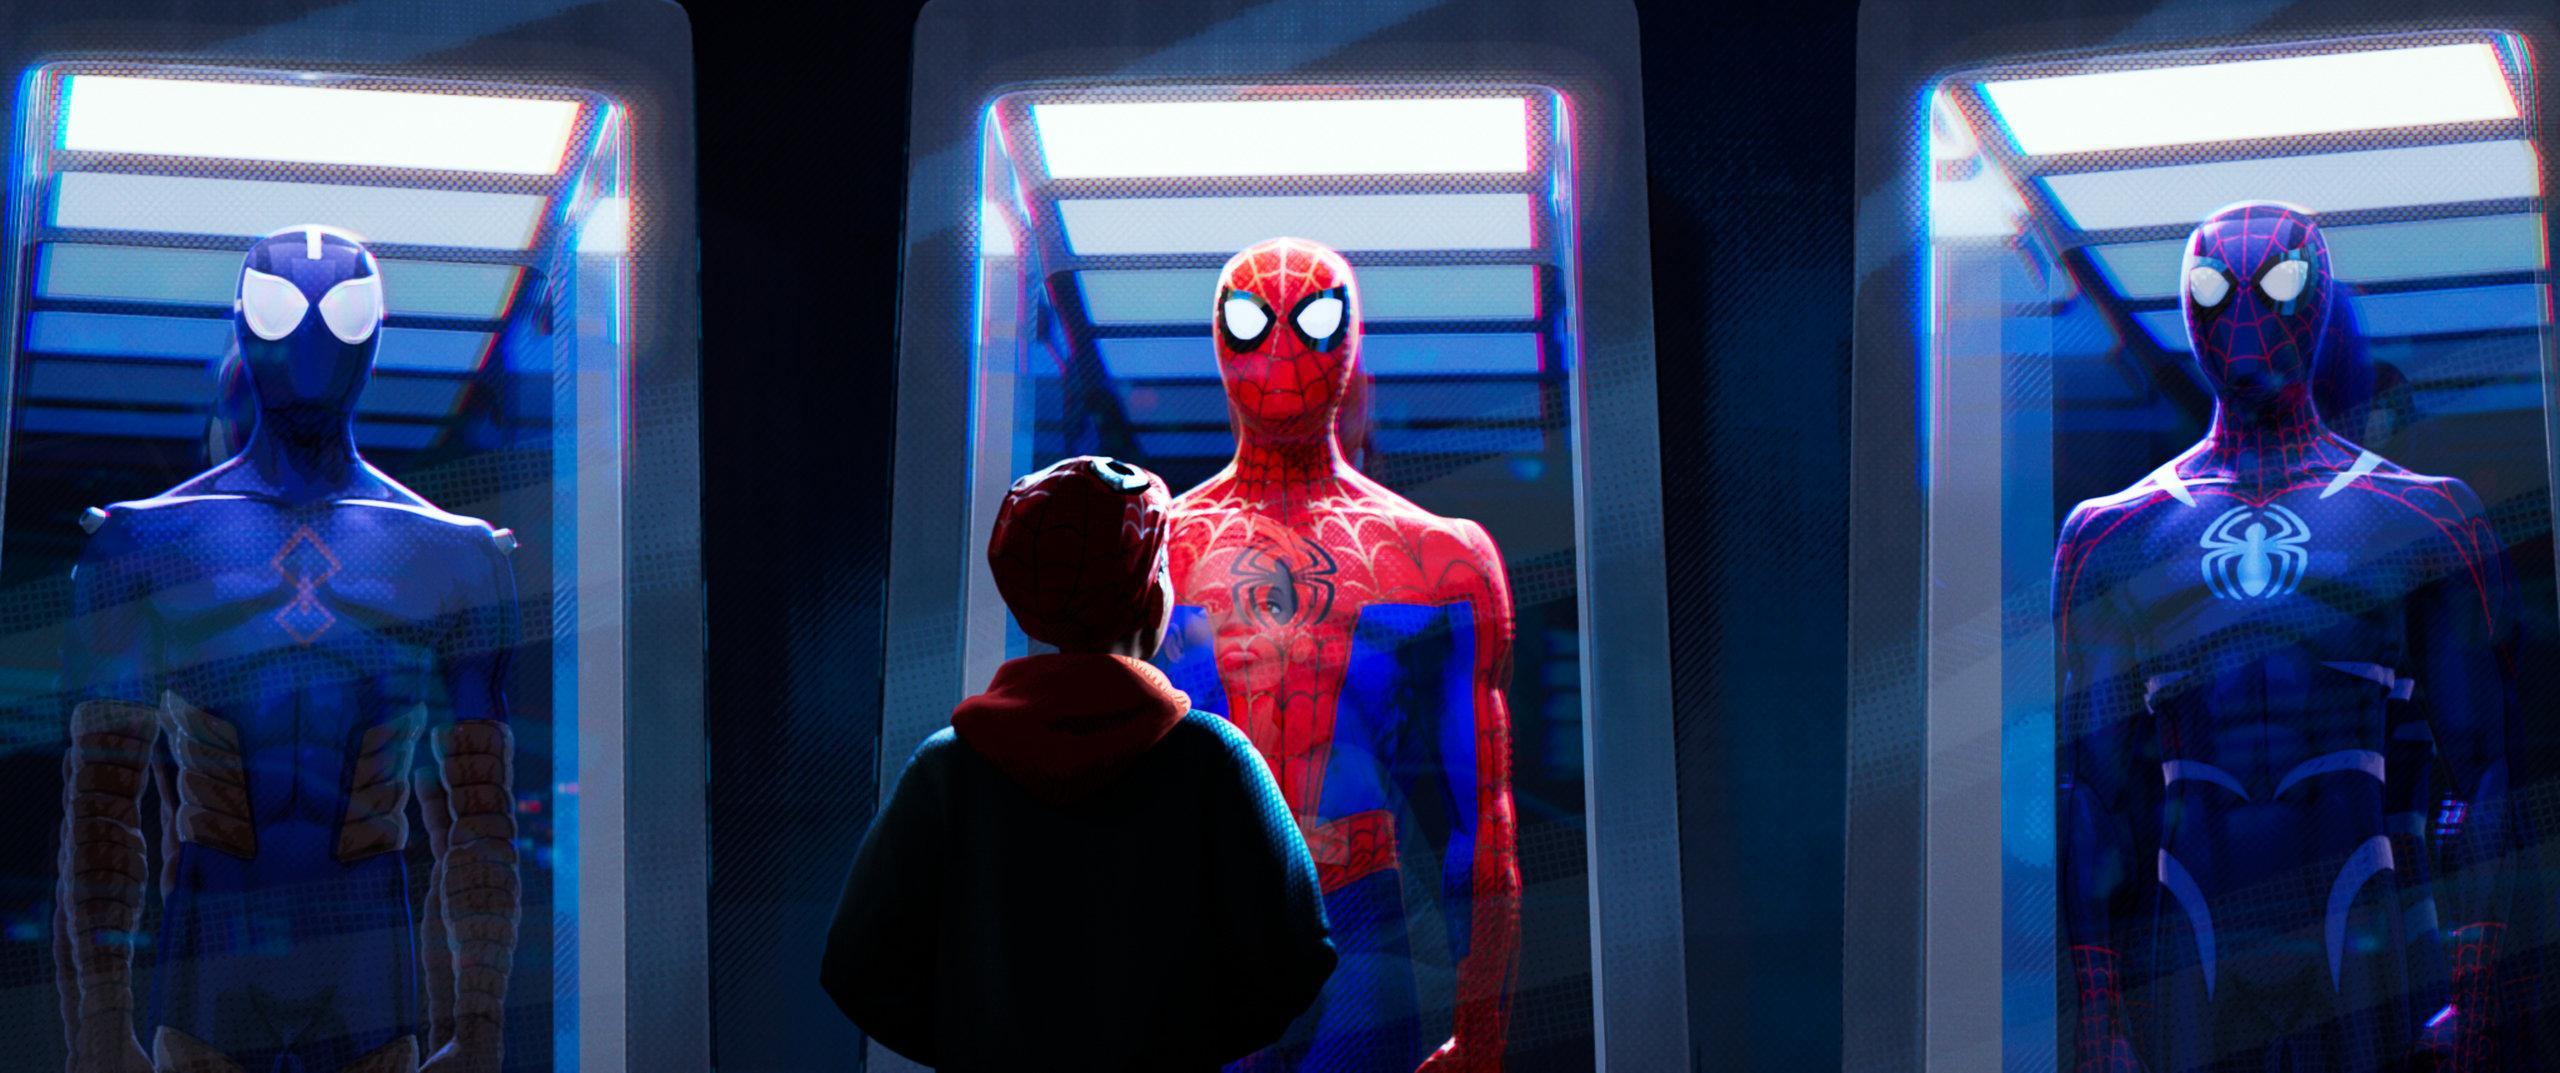 """рецензия на мультфильм """"Человек-паук: Через вселенные"""""""